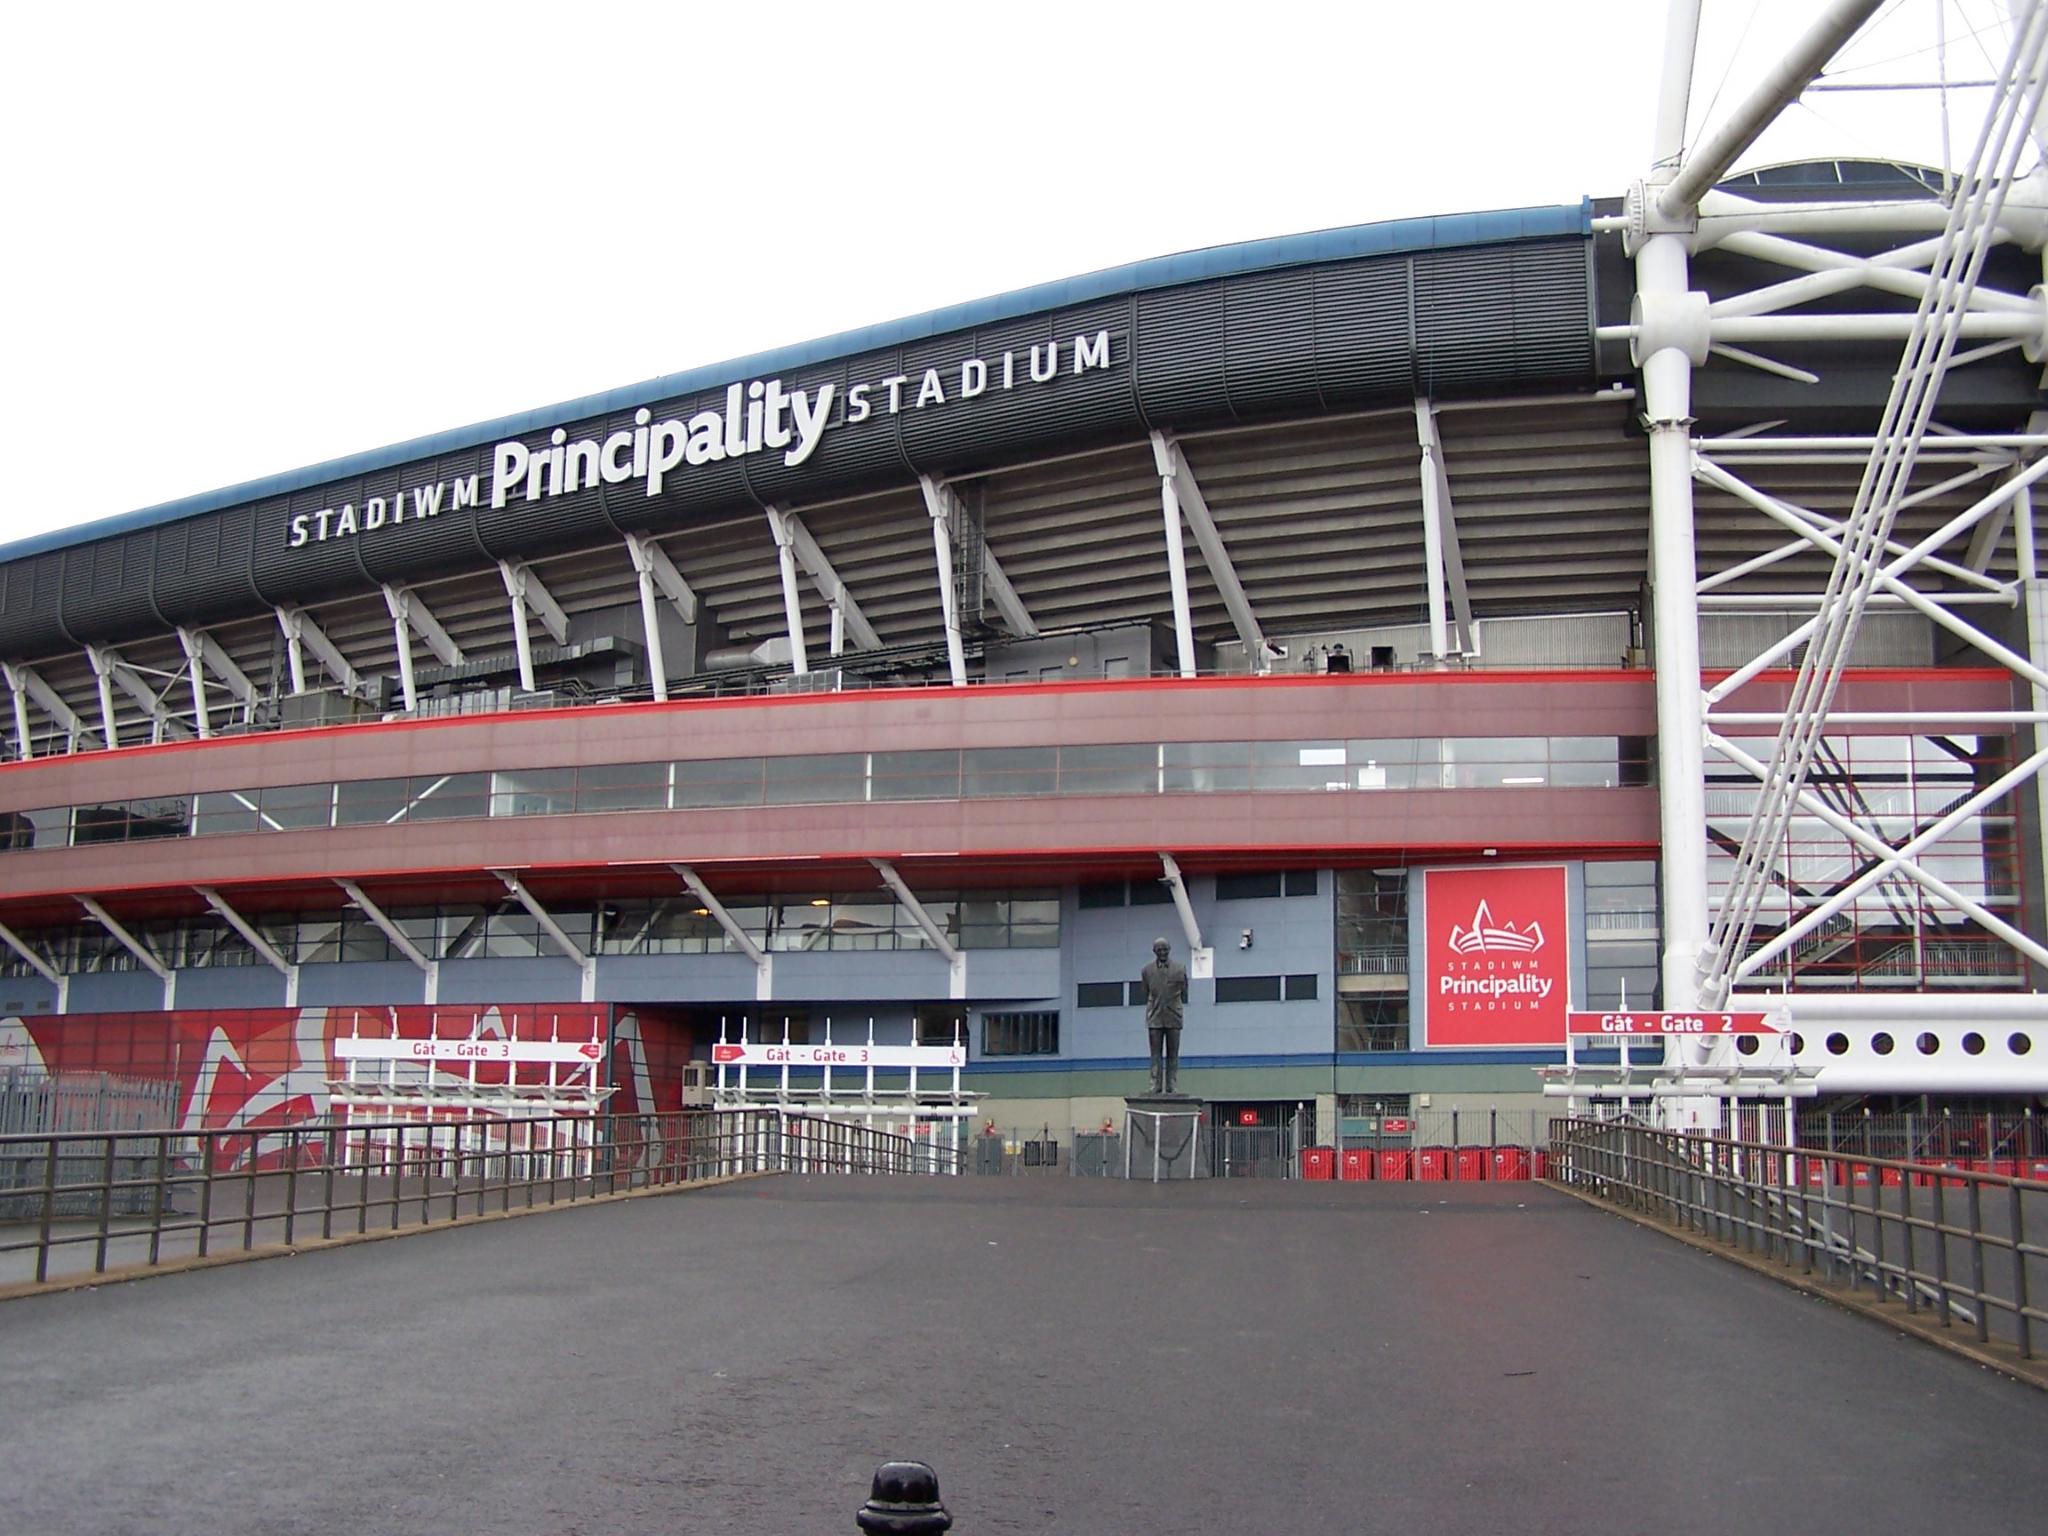 311-stadium